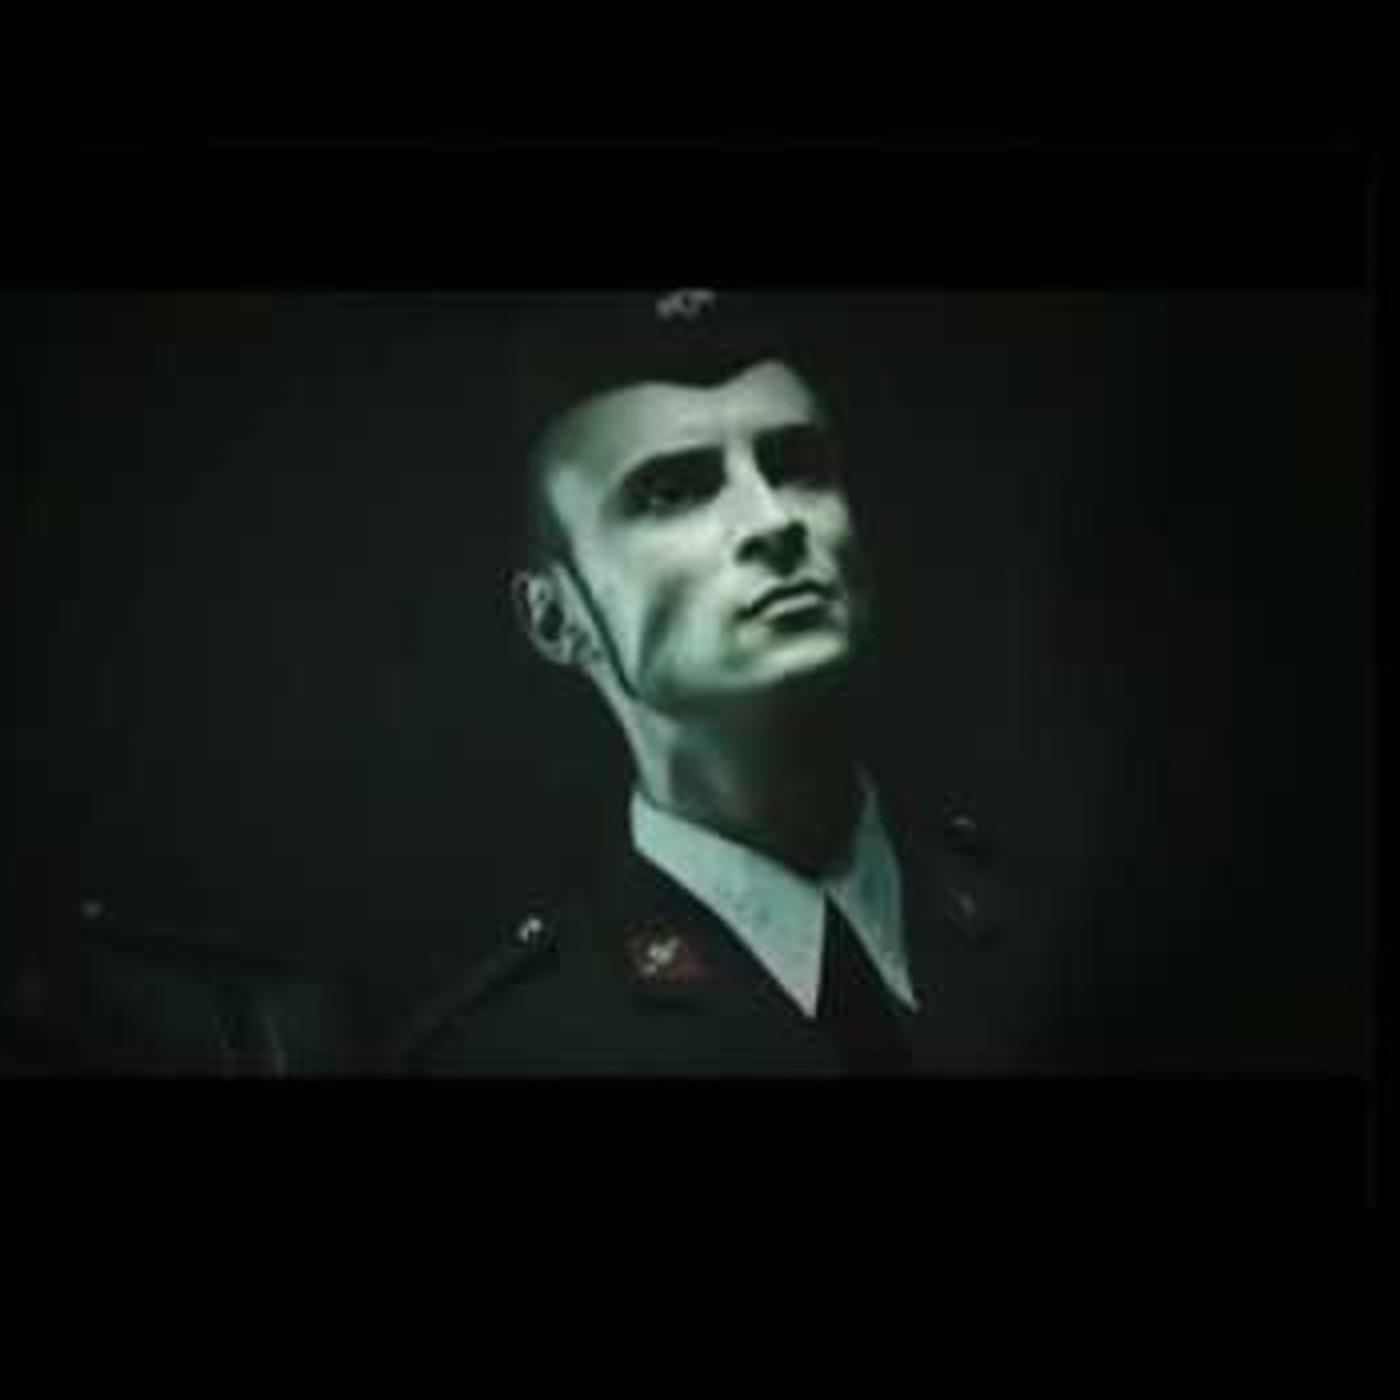 Cuarto Milenio: EVA 4 - Alto secreto en Cuarto Milenio (Oficial) en ...